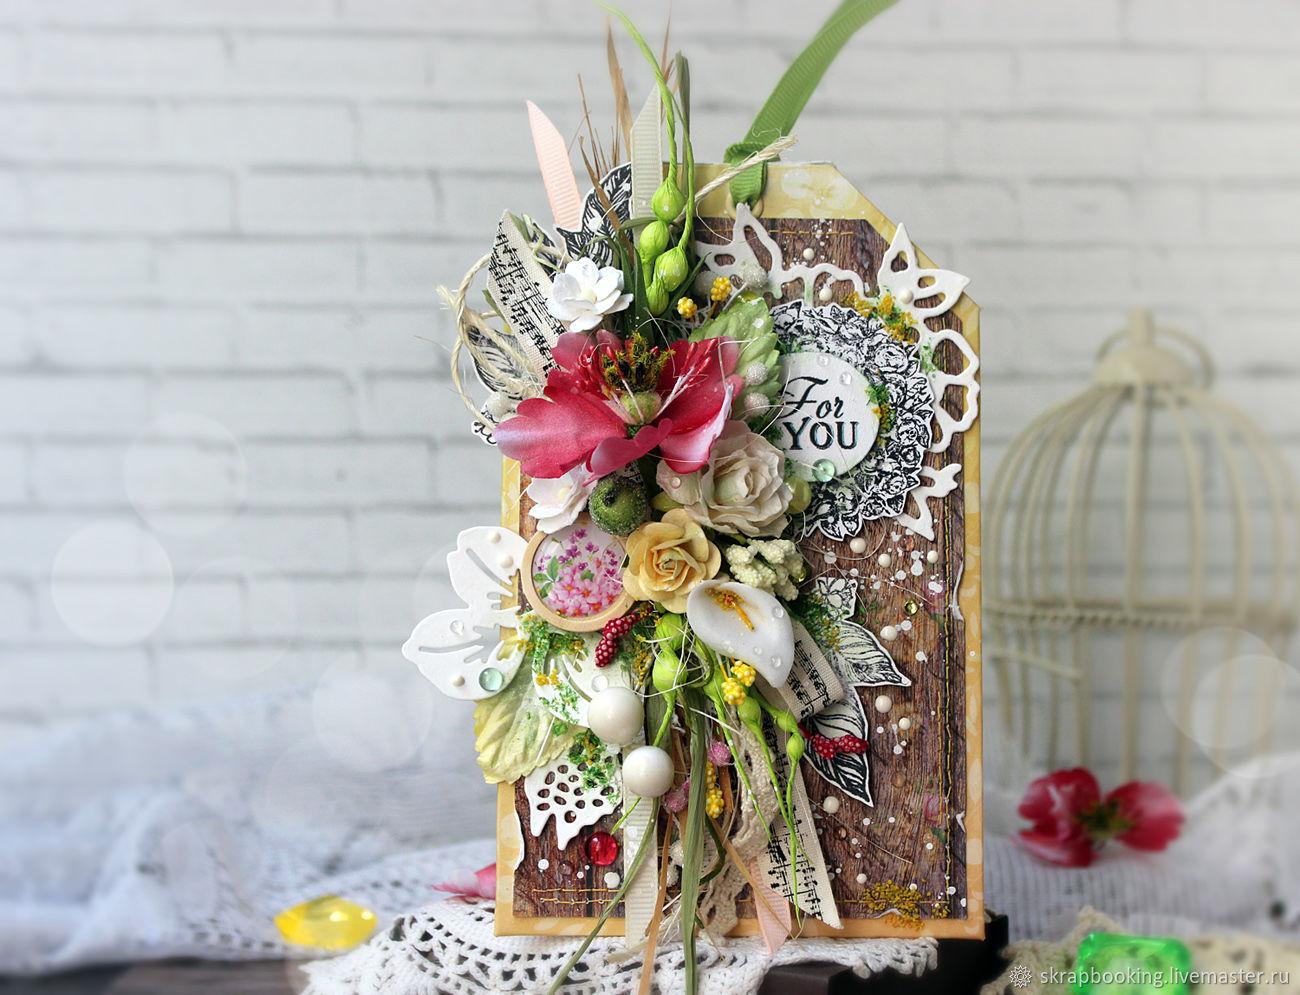 Подарочная открытка-тэг с цветочной композицией на деревянном фоне и надписью `For you`. Эта небольшая открыточка станет отличным сопровождением к подарку или к его упаковке! С обратной стороны тэг